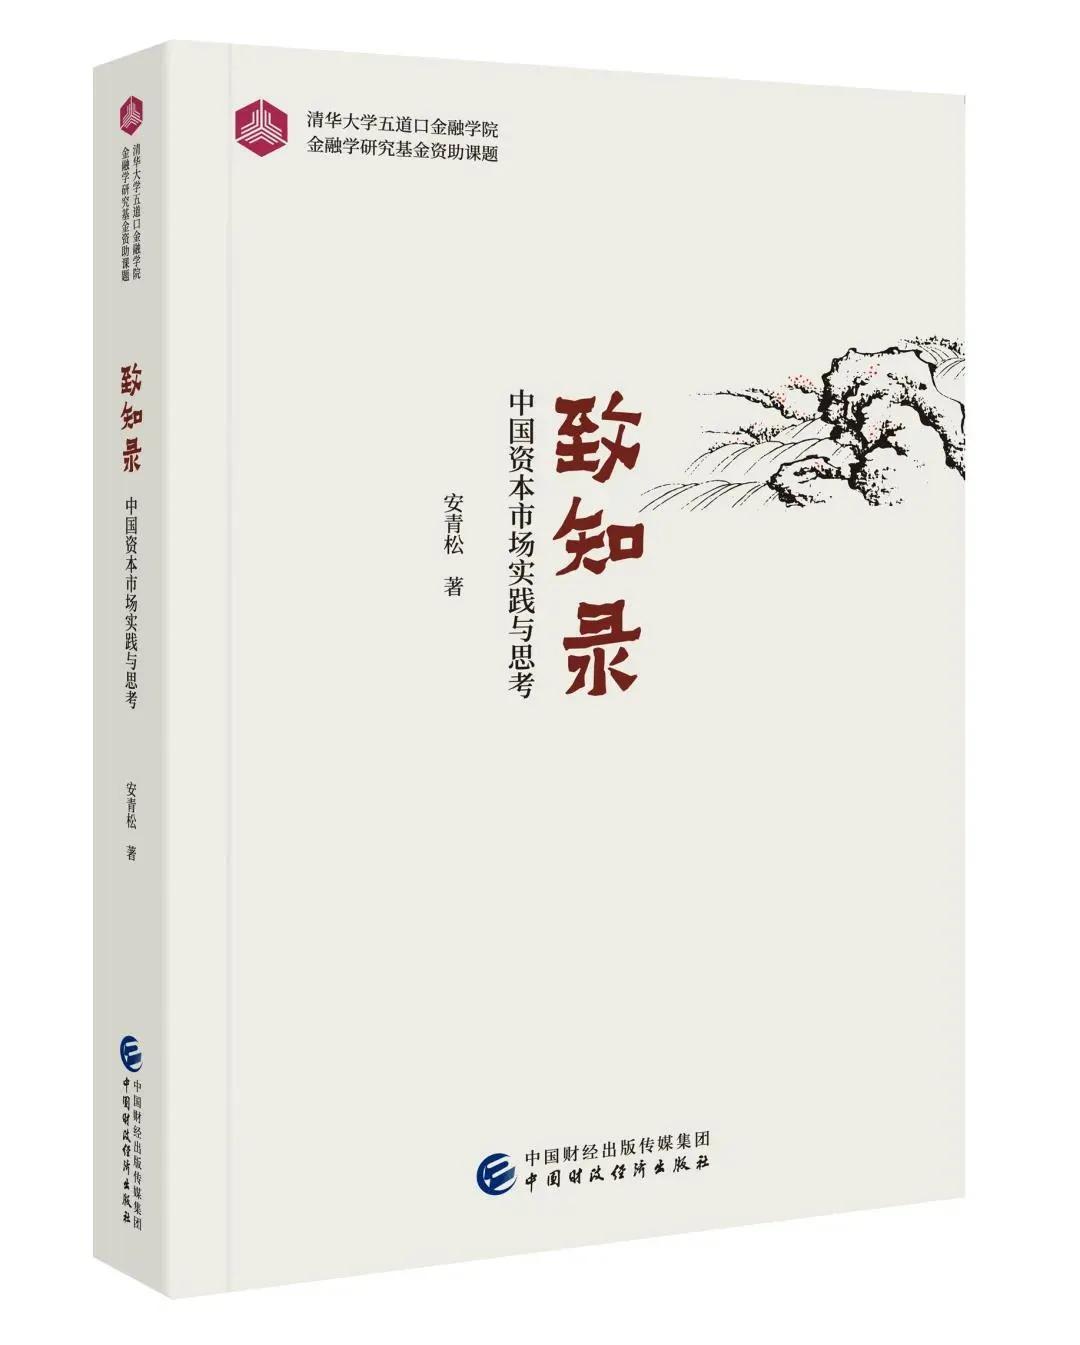 总结资本市场建设经验启示 安青松新书《致知录:中国资本市场实践与思考》面世